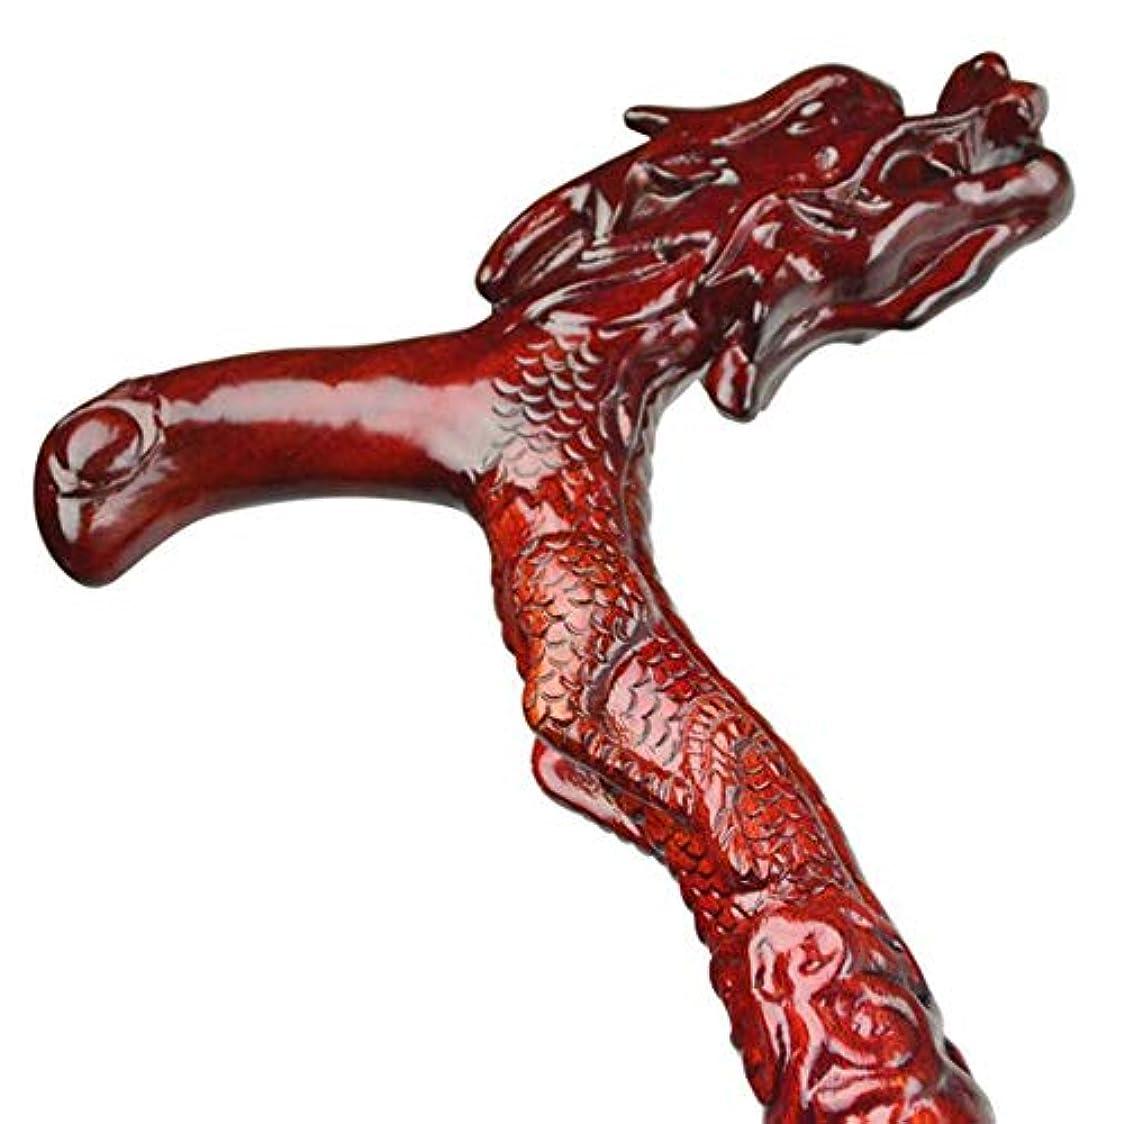 損傷同意ペットBHXUD 木製の歩行スティック, レッドウッド古い蛇口アンチスキッド木製の歩行スティックウォーカーの年配の誕生日プレゼント